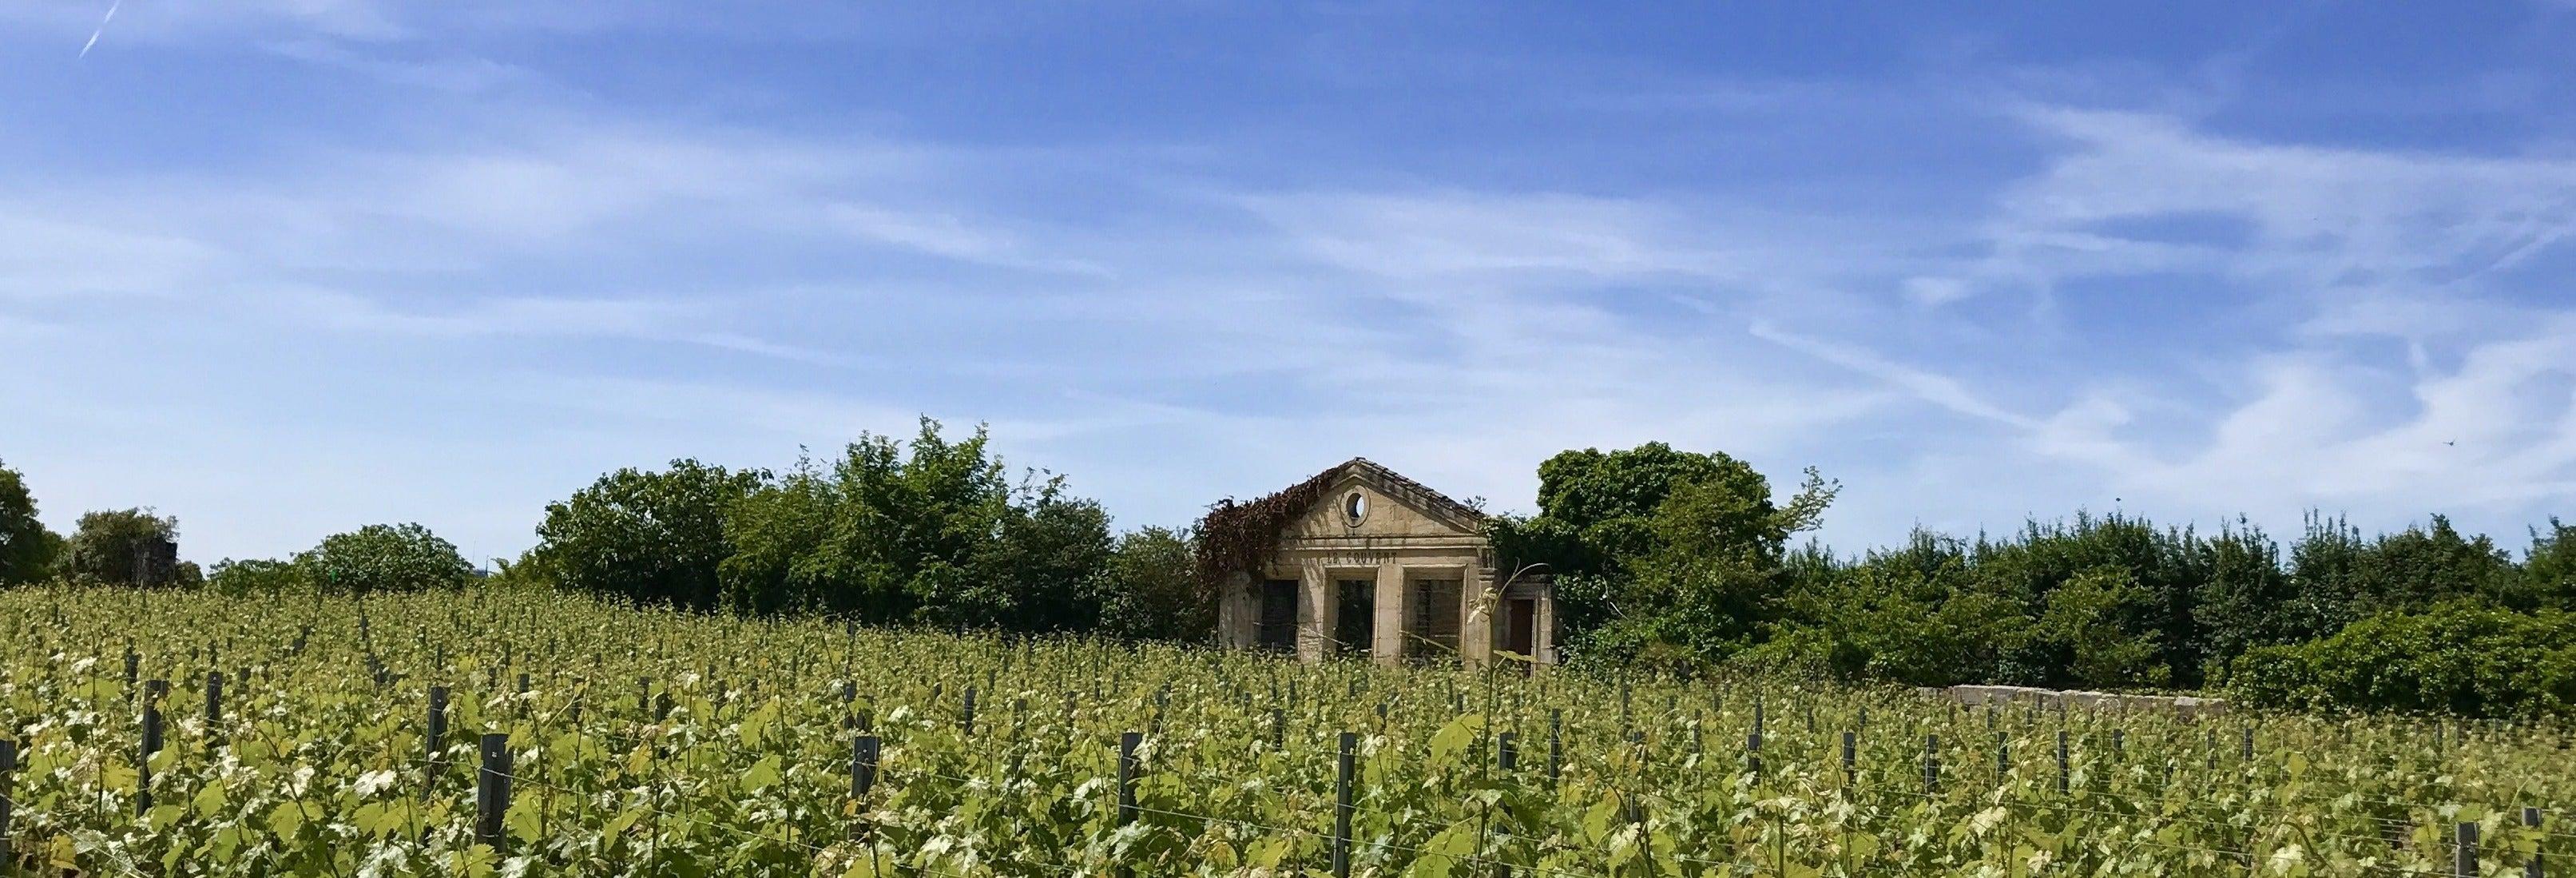 Tour de viñedos y bodegas por Saint-Émilion